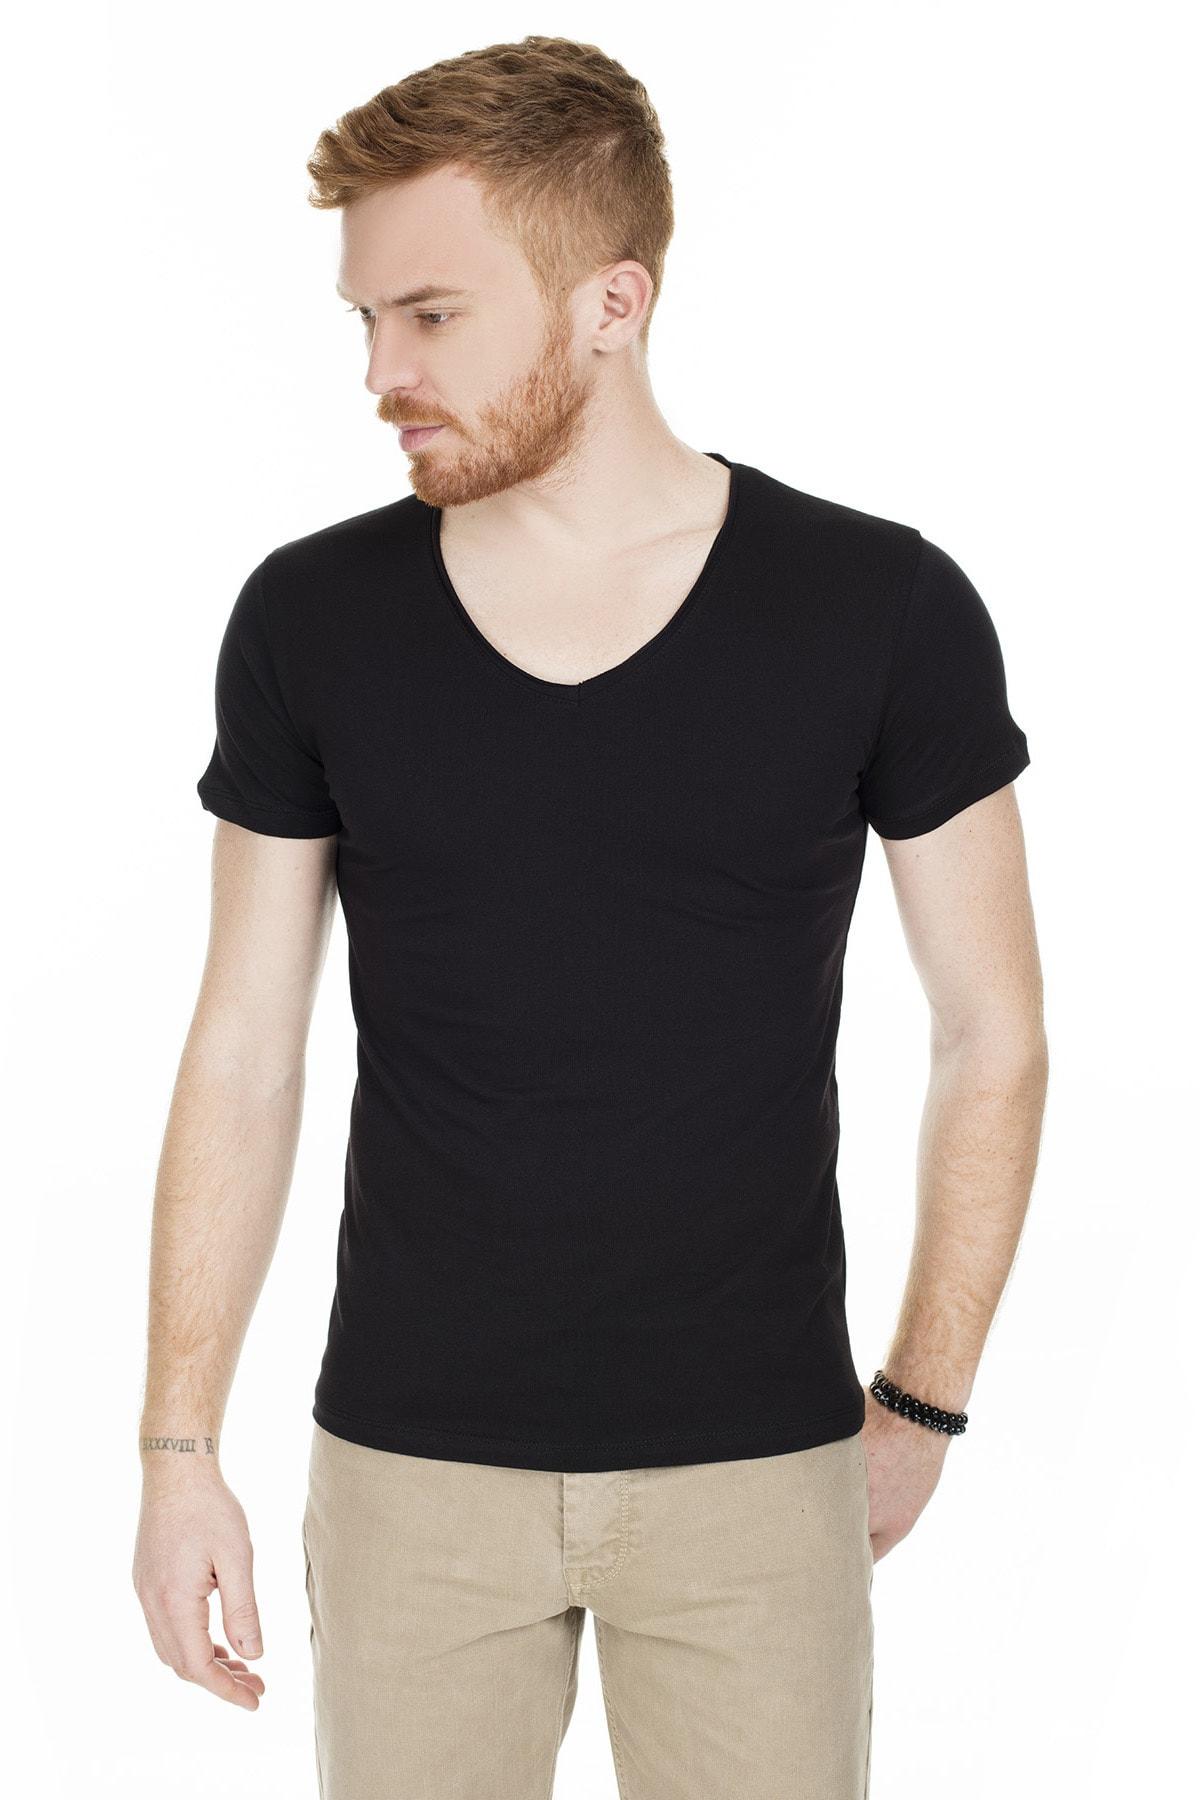 Buratti Erkek Siyah V Yaka Pamuklu Basic T Shirt 54154